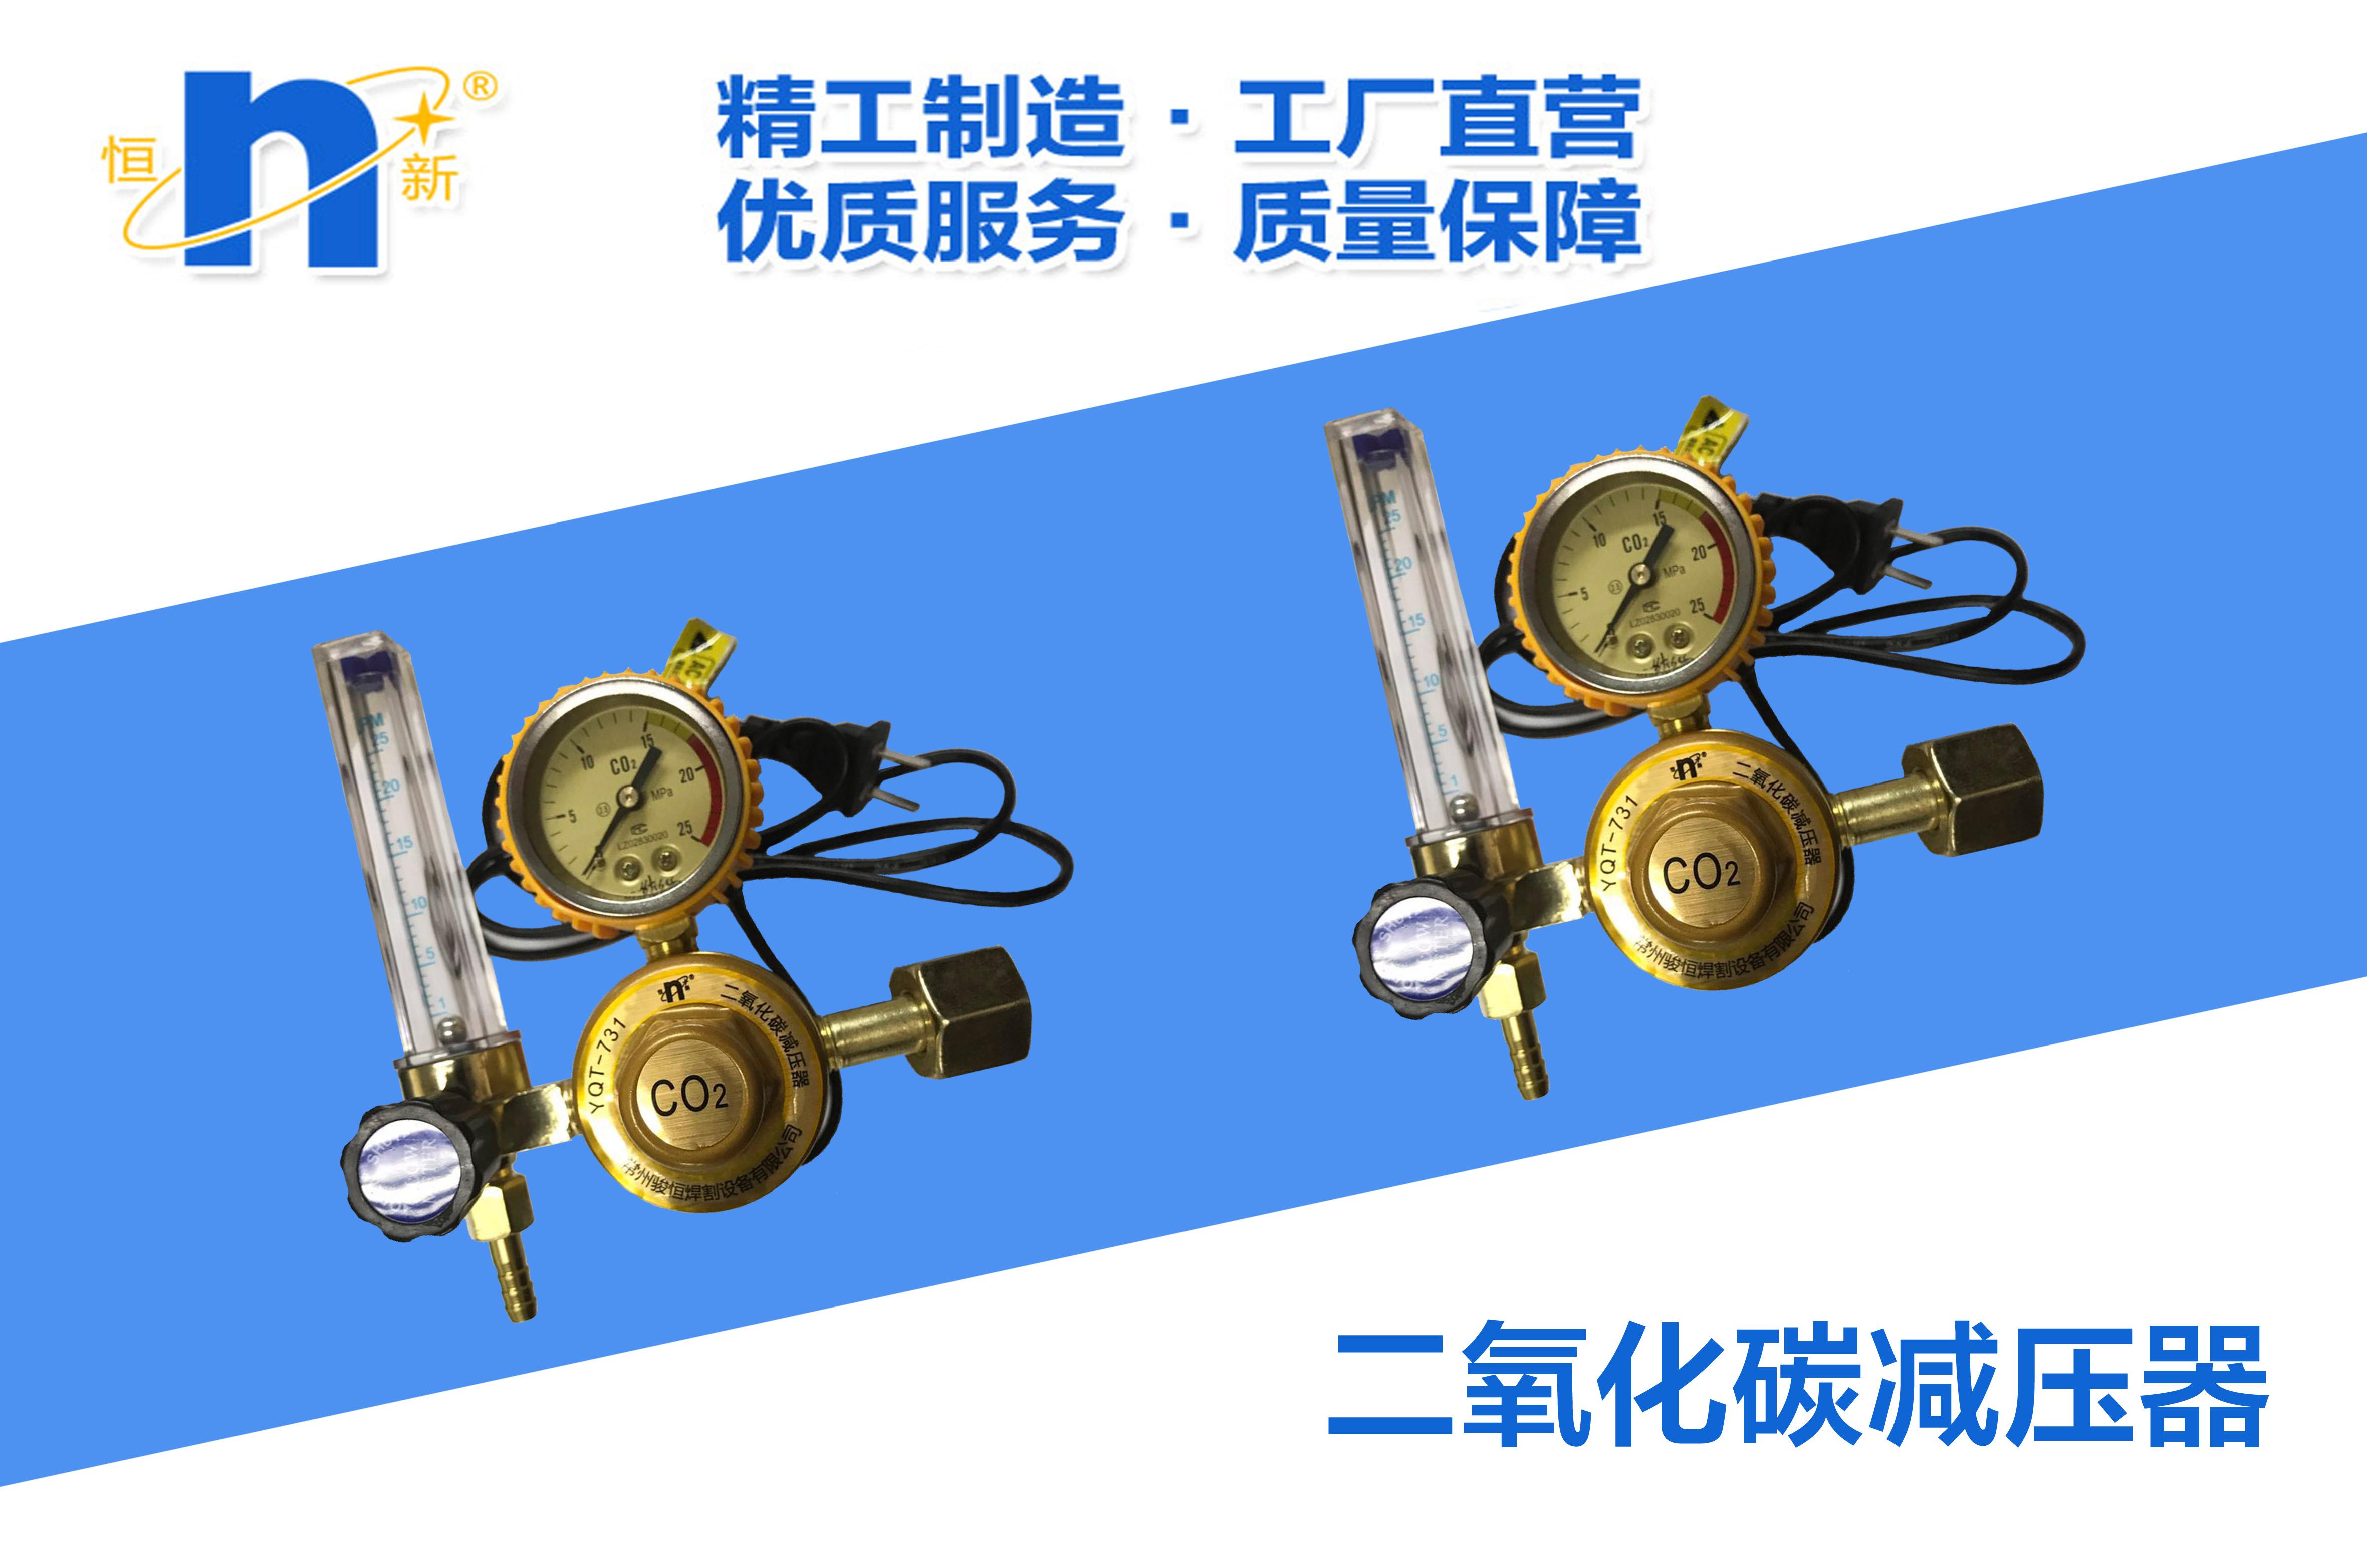 二氧化碳减压器减压阀压力表二保焊